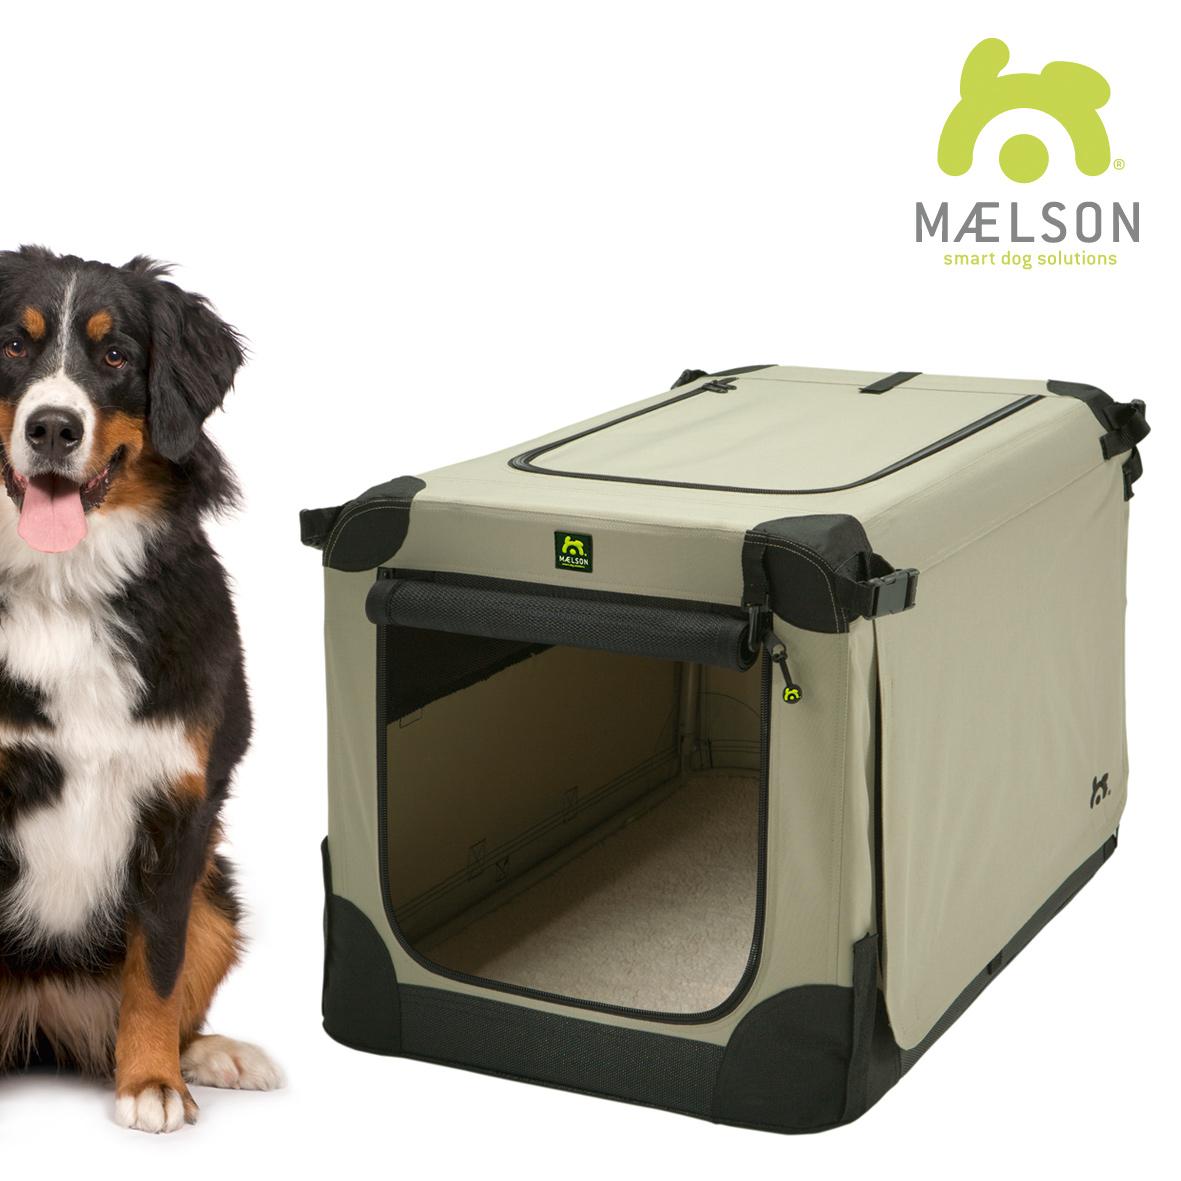 Přepravka pro psy Maelson - černo-béžová - XXXL, 120x77x86 cm